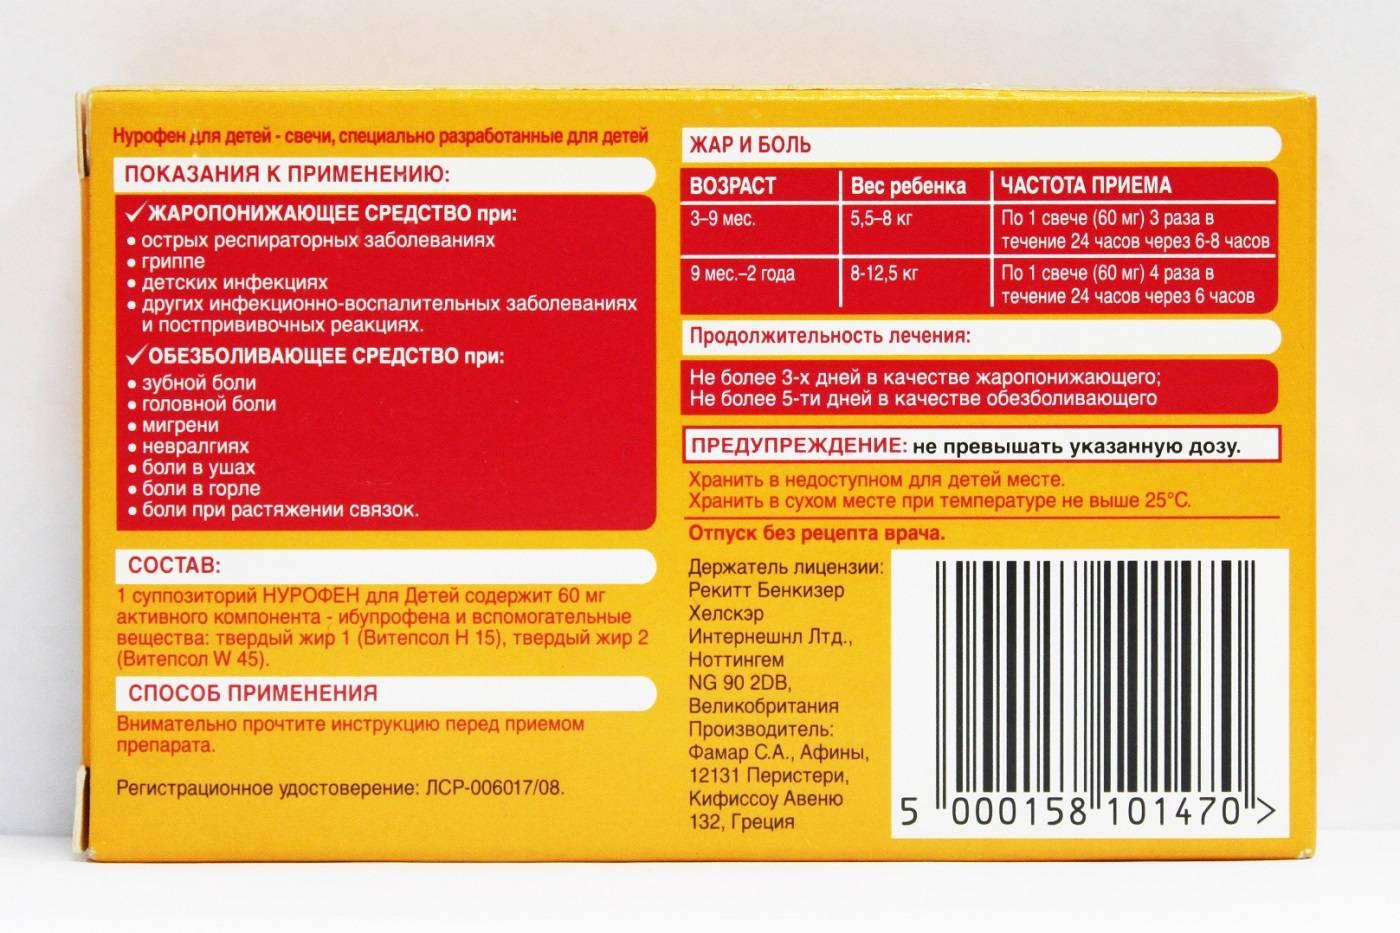 Применение свечей и сиропа нурофен для детей - топотушки